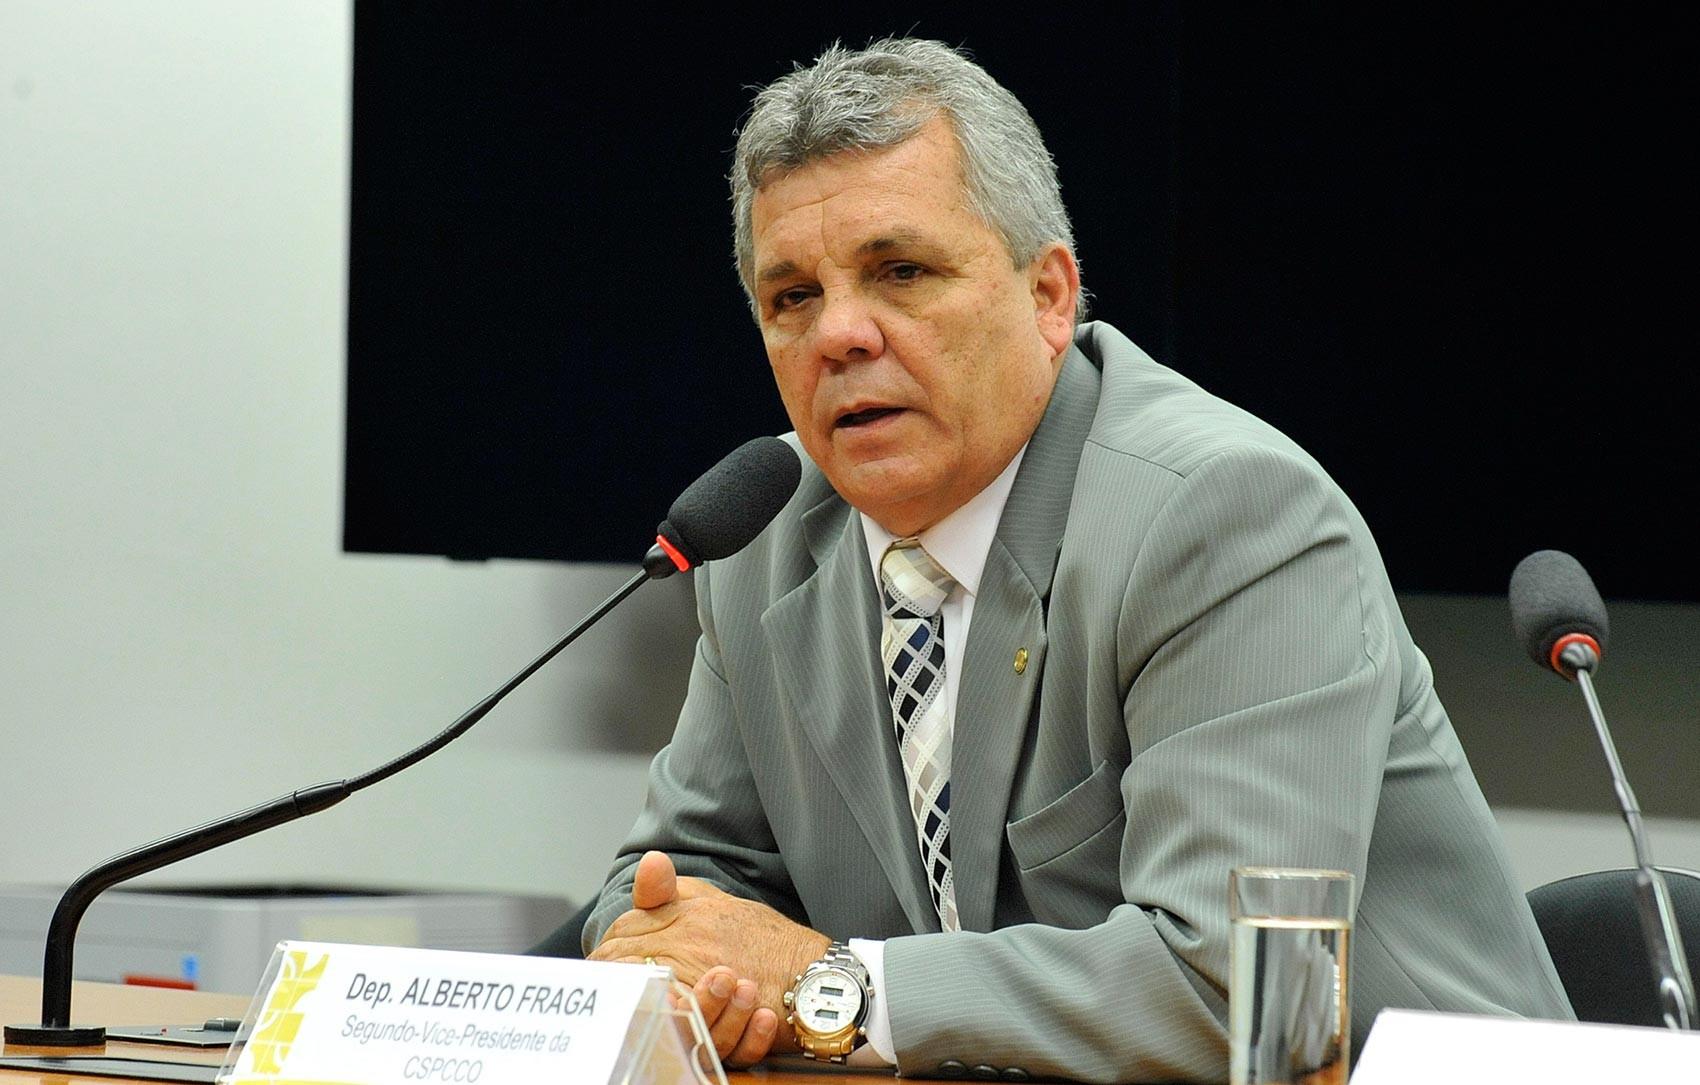 Após divulgar fake news sobre Marielle, deputado Alberto Fraga suspende redes sociais